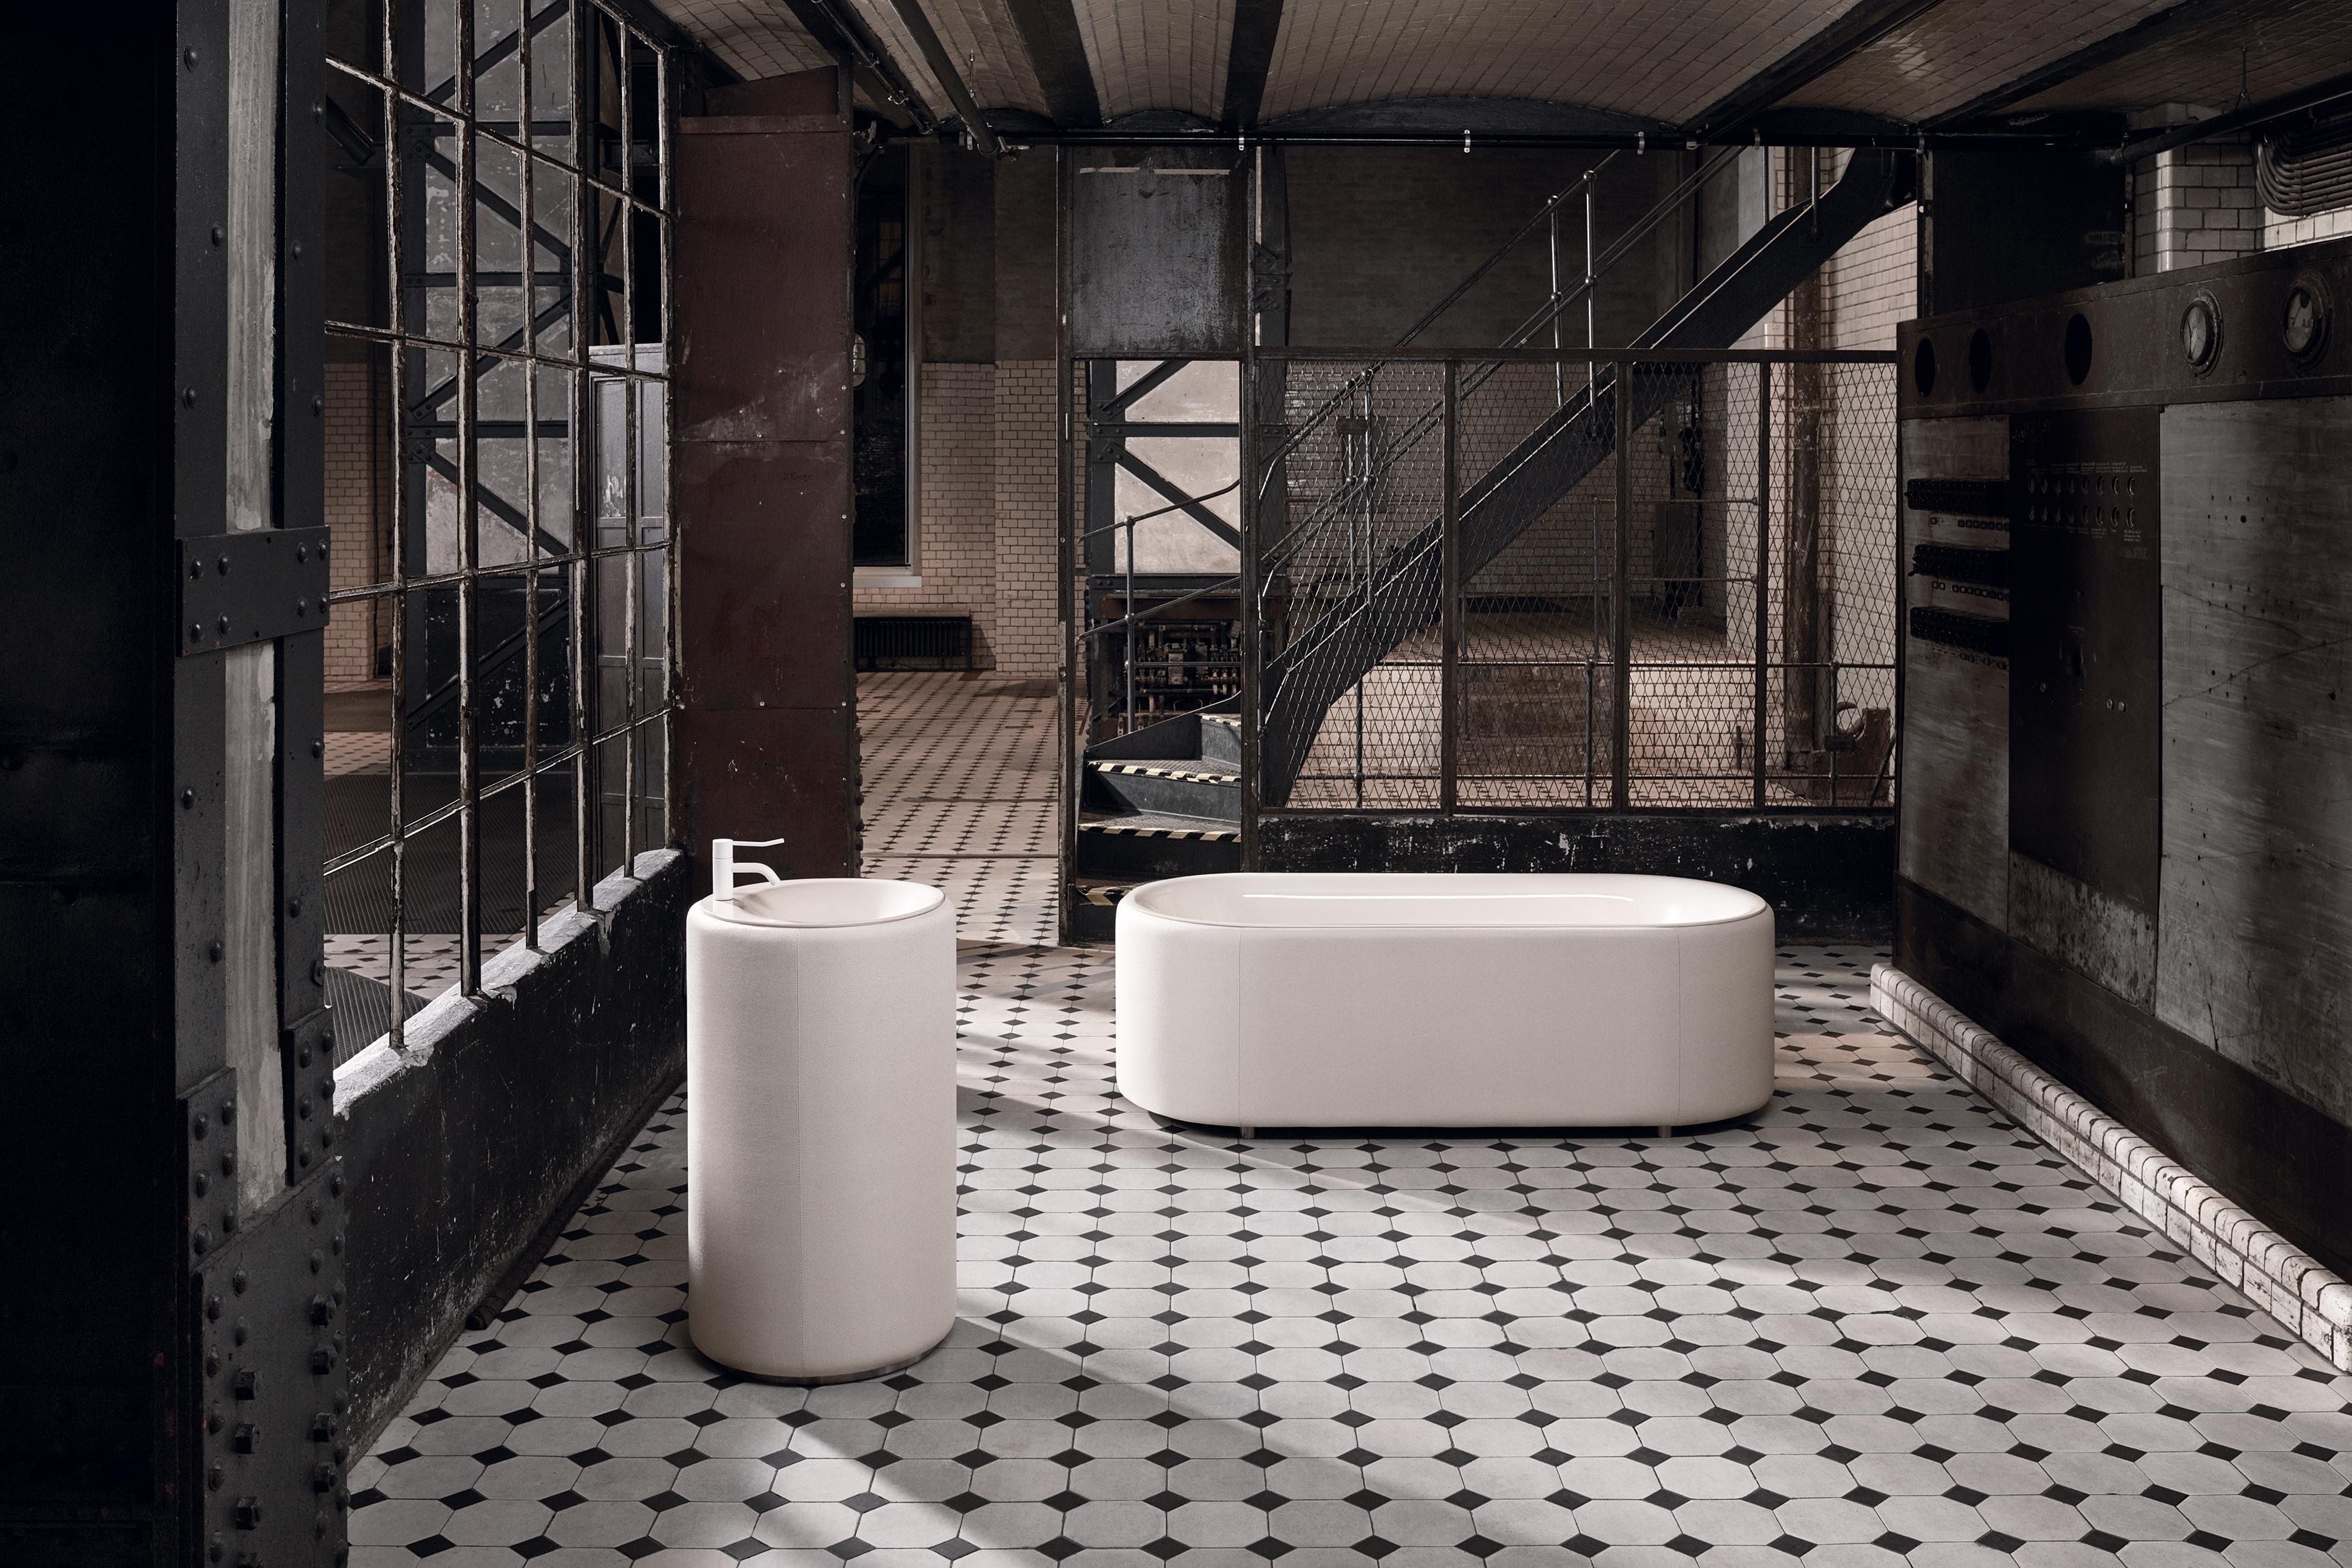 BETTELUX OVAL COUTURE Waschtisch von Bette | STYLEPARK